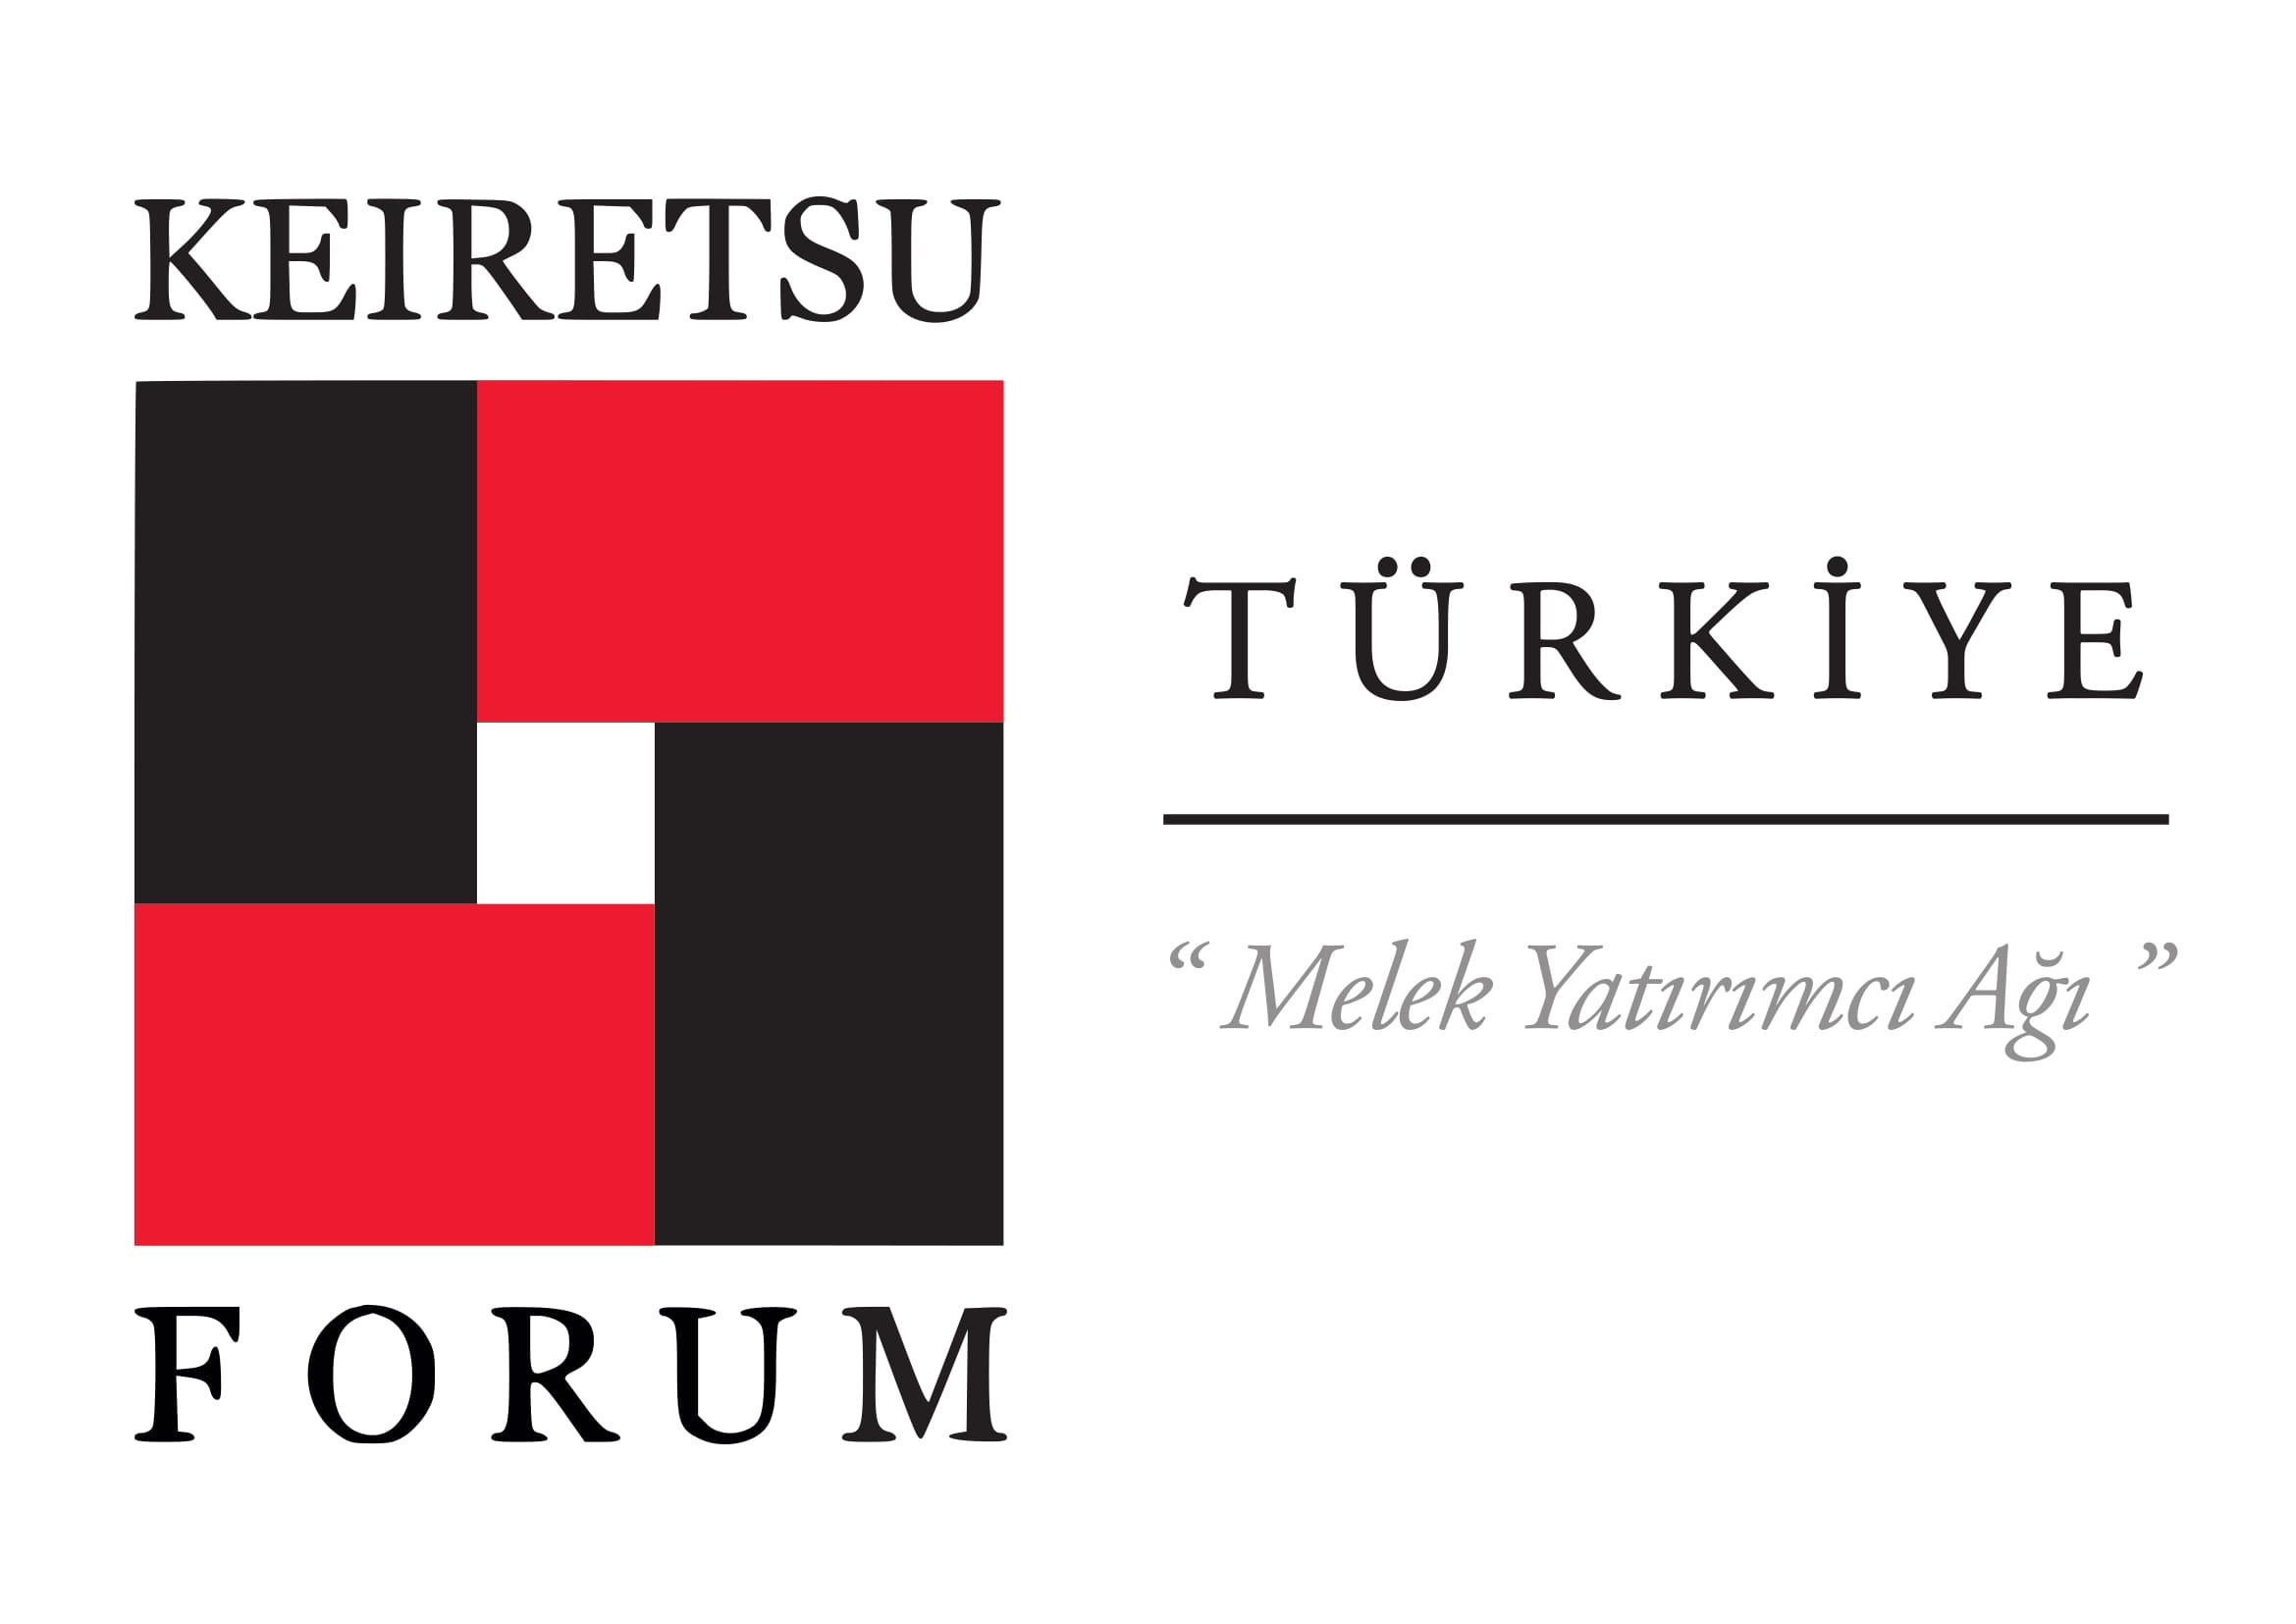 keiretsu forum turkiye logo 1